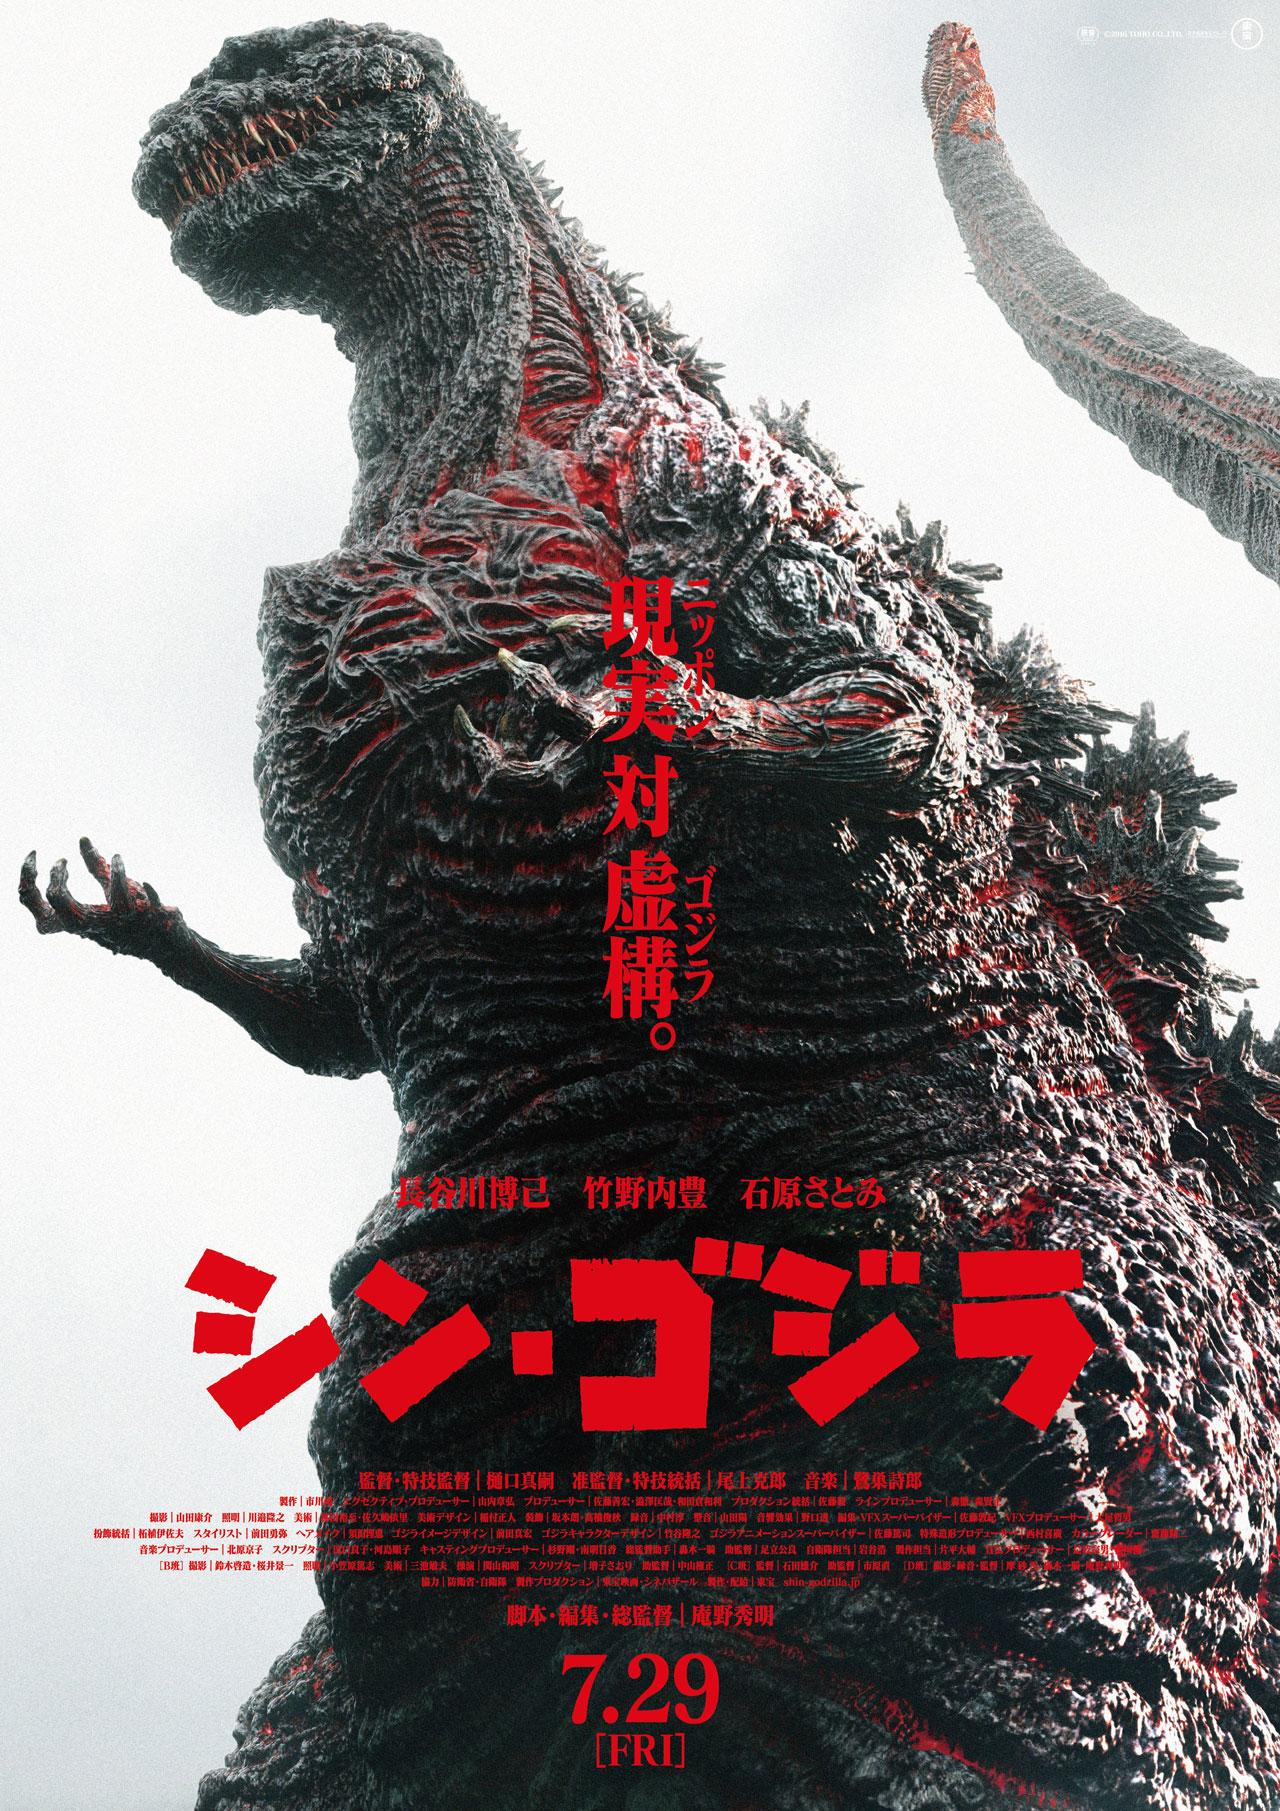 Shin Godzilla HD movie poster